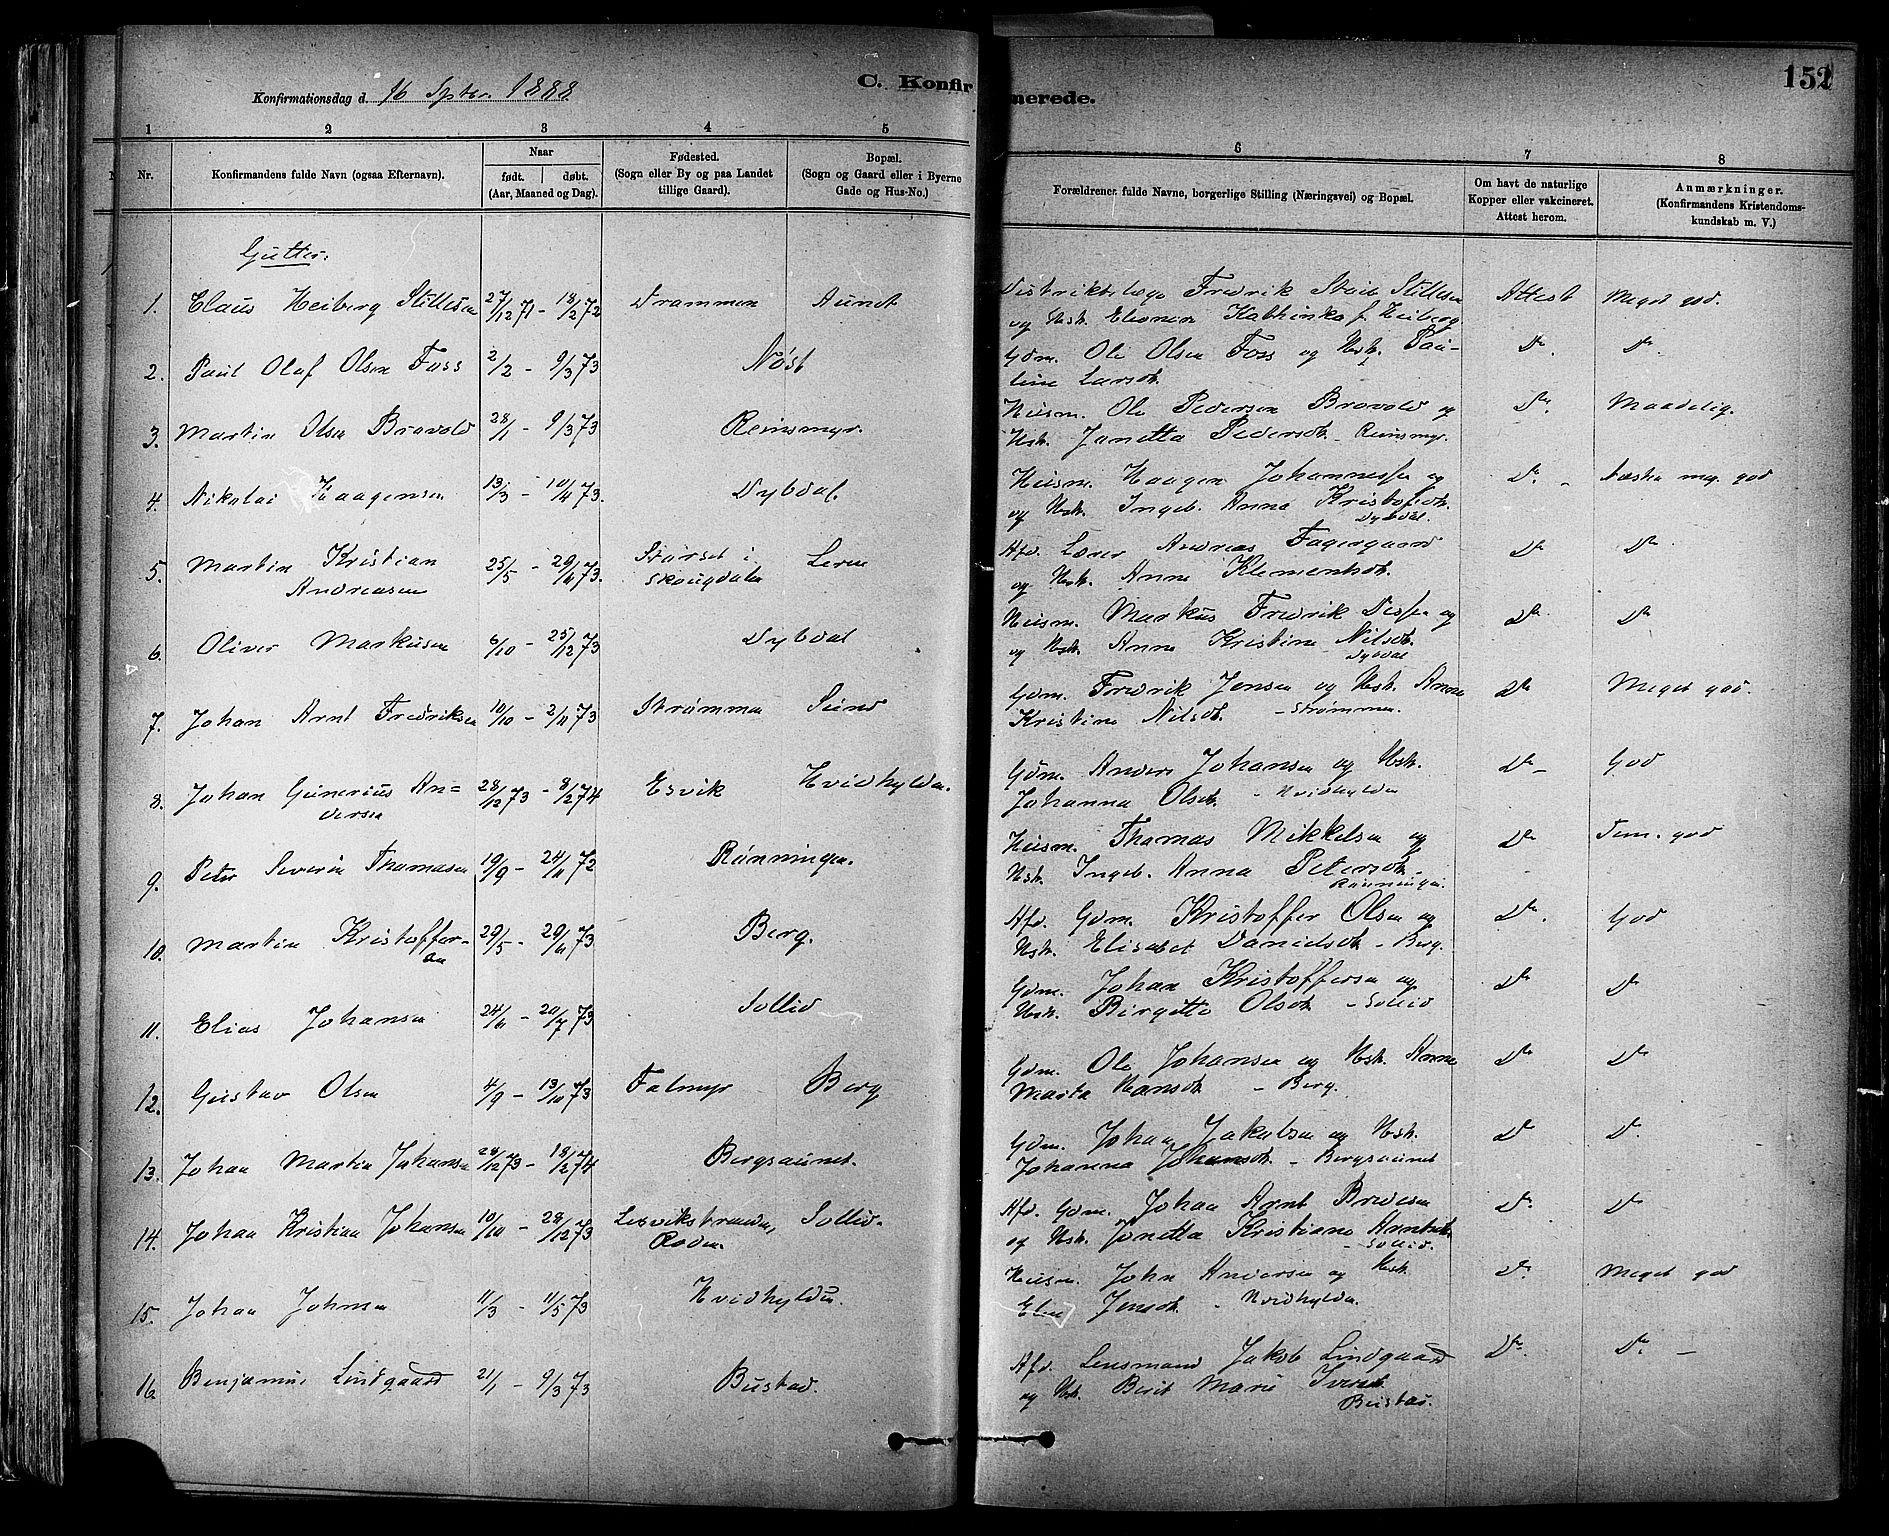 SAT, Ministerialprotokoller, klokkerbøker og fødselsregistre - Sør-Trøndelag, 647/L0634: Ministerialbok nr. 647A01, 1885-1896, s. 152